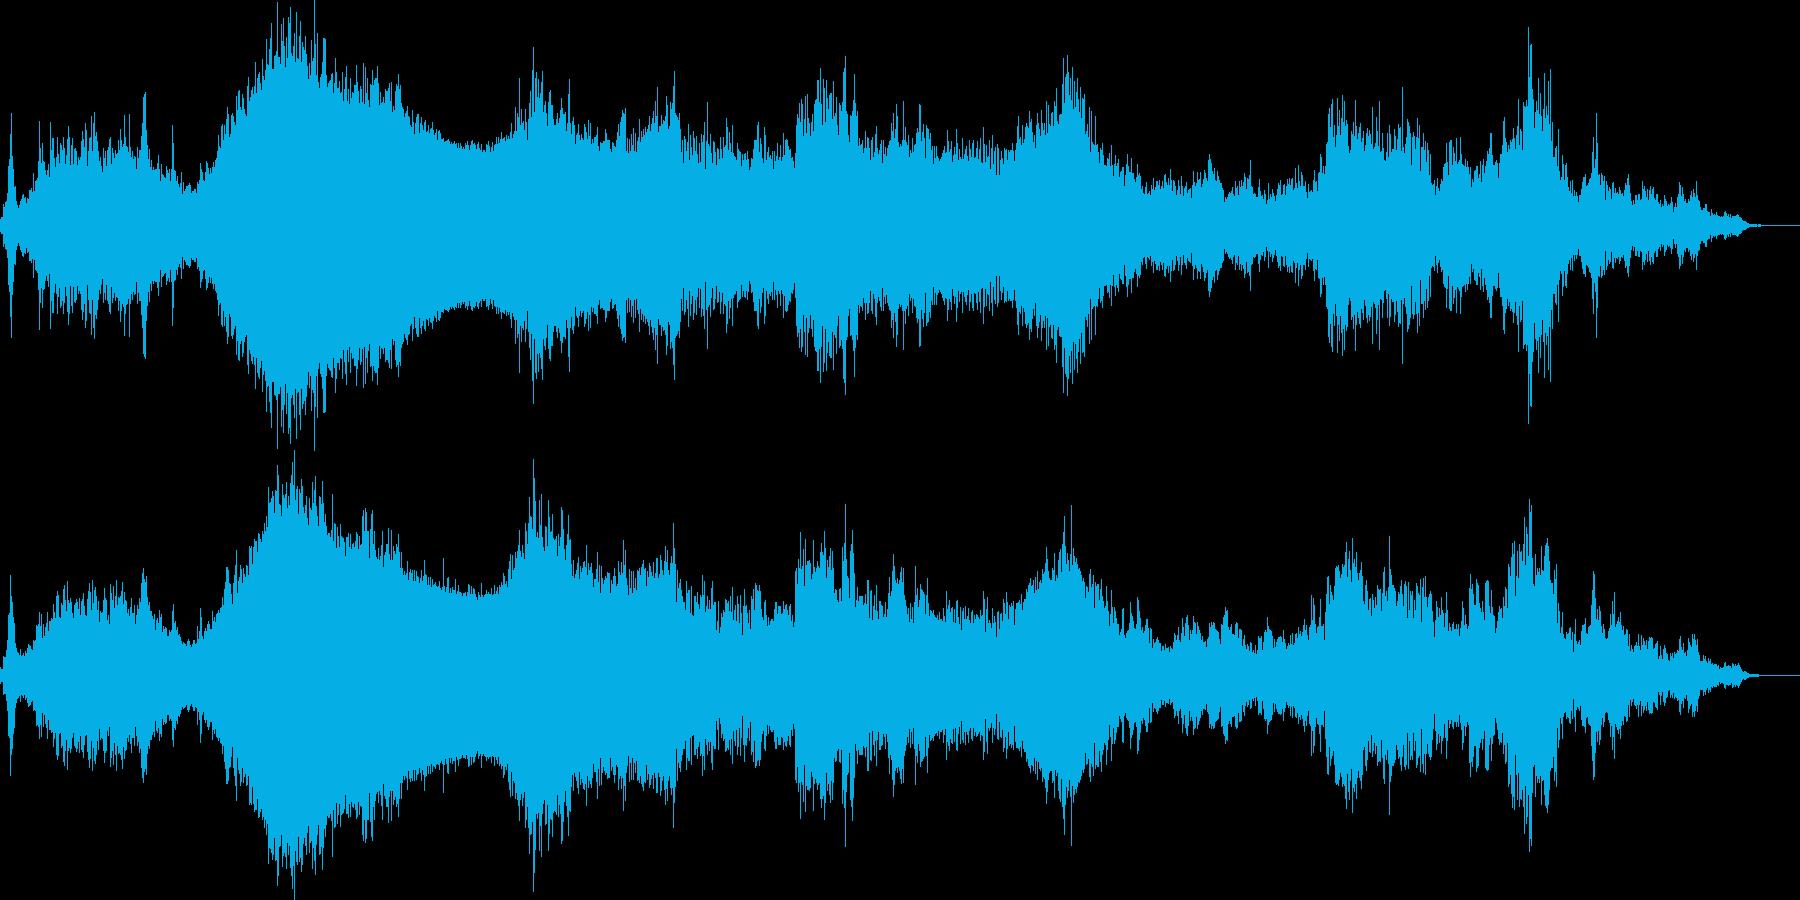 沼地のようなホラードローンの再生済みの波形